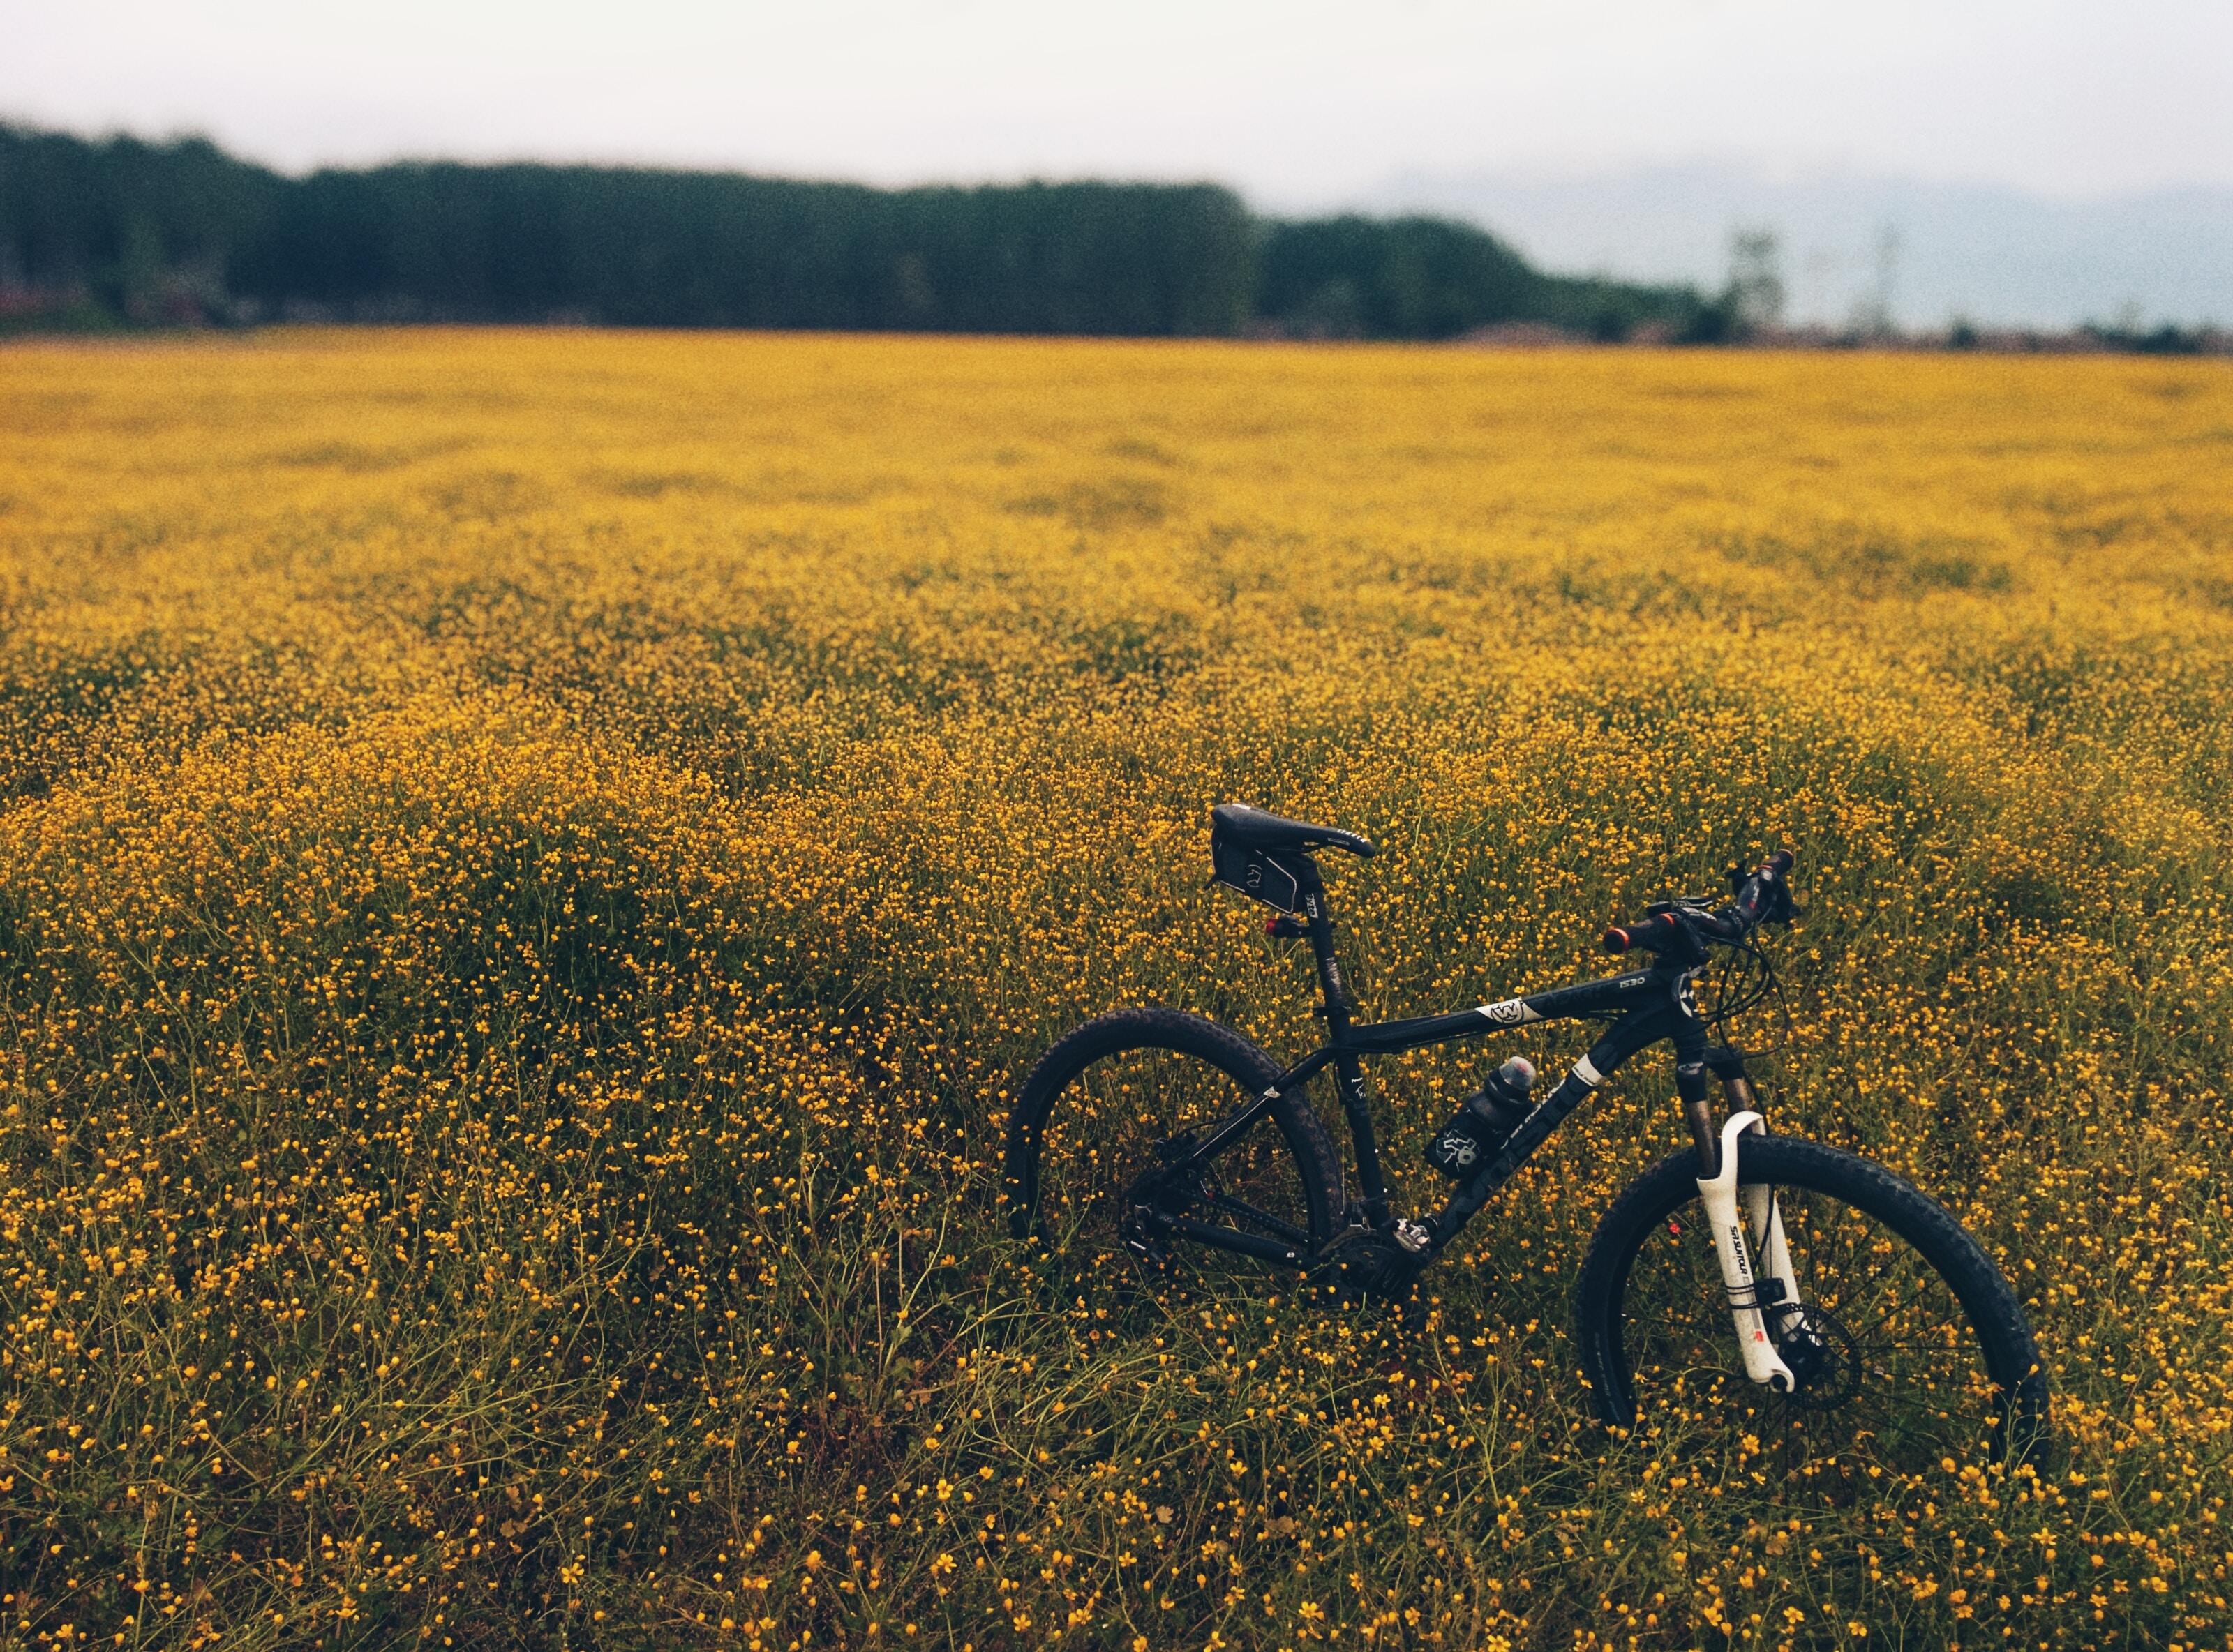 black and white hard-tail mountain bike during daytime